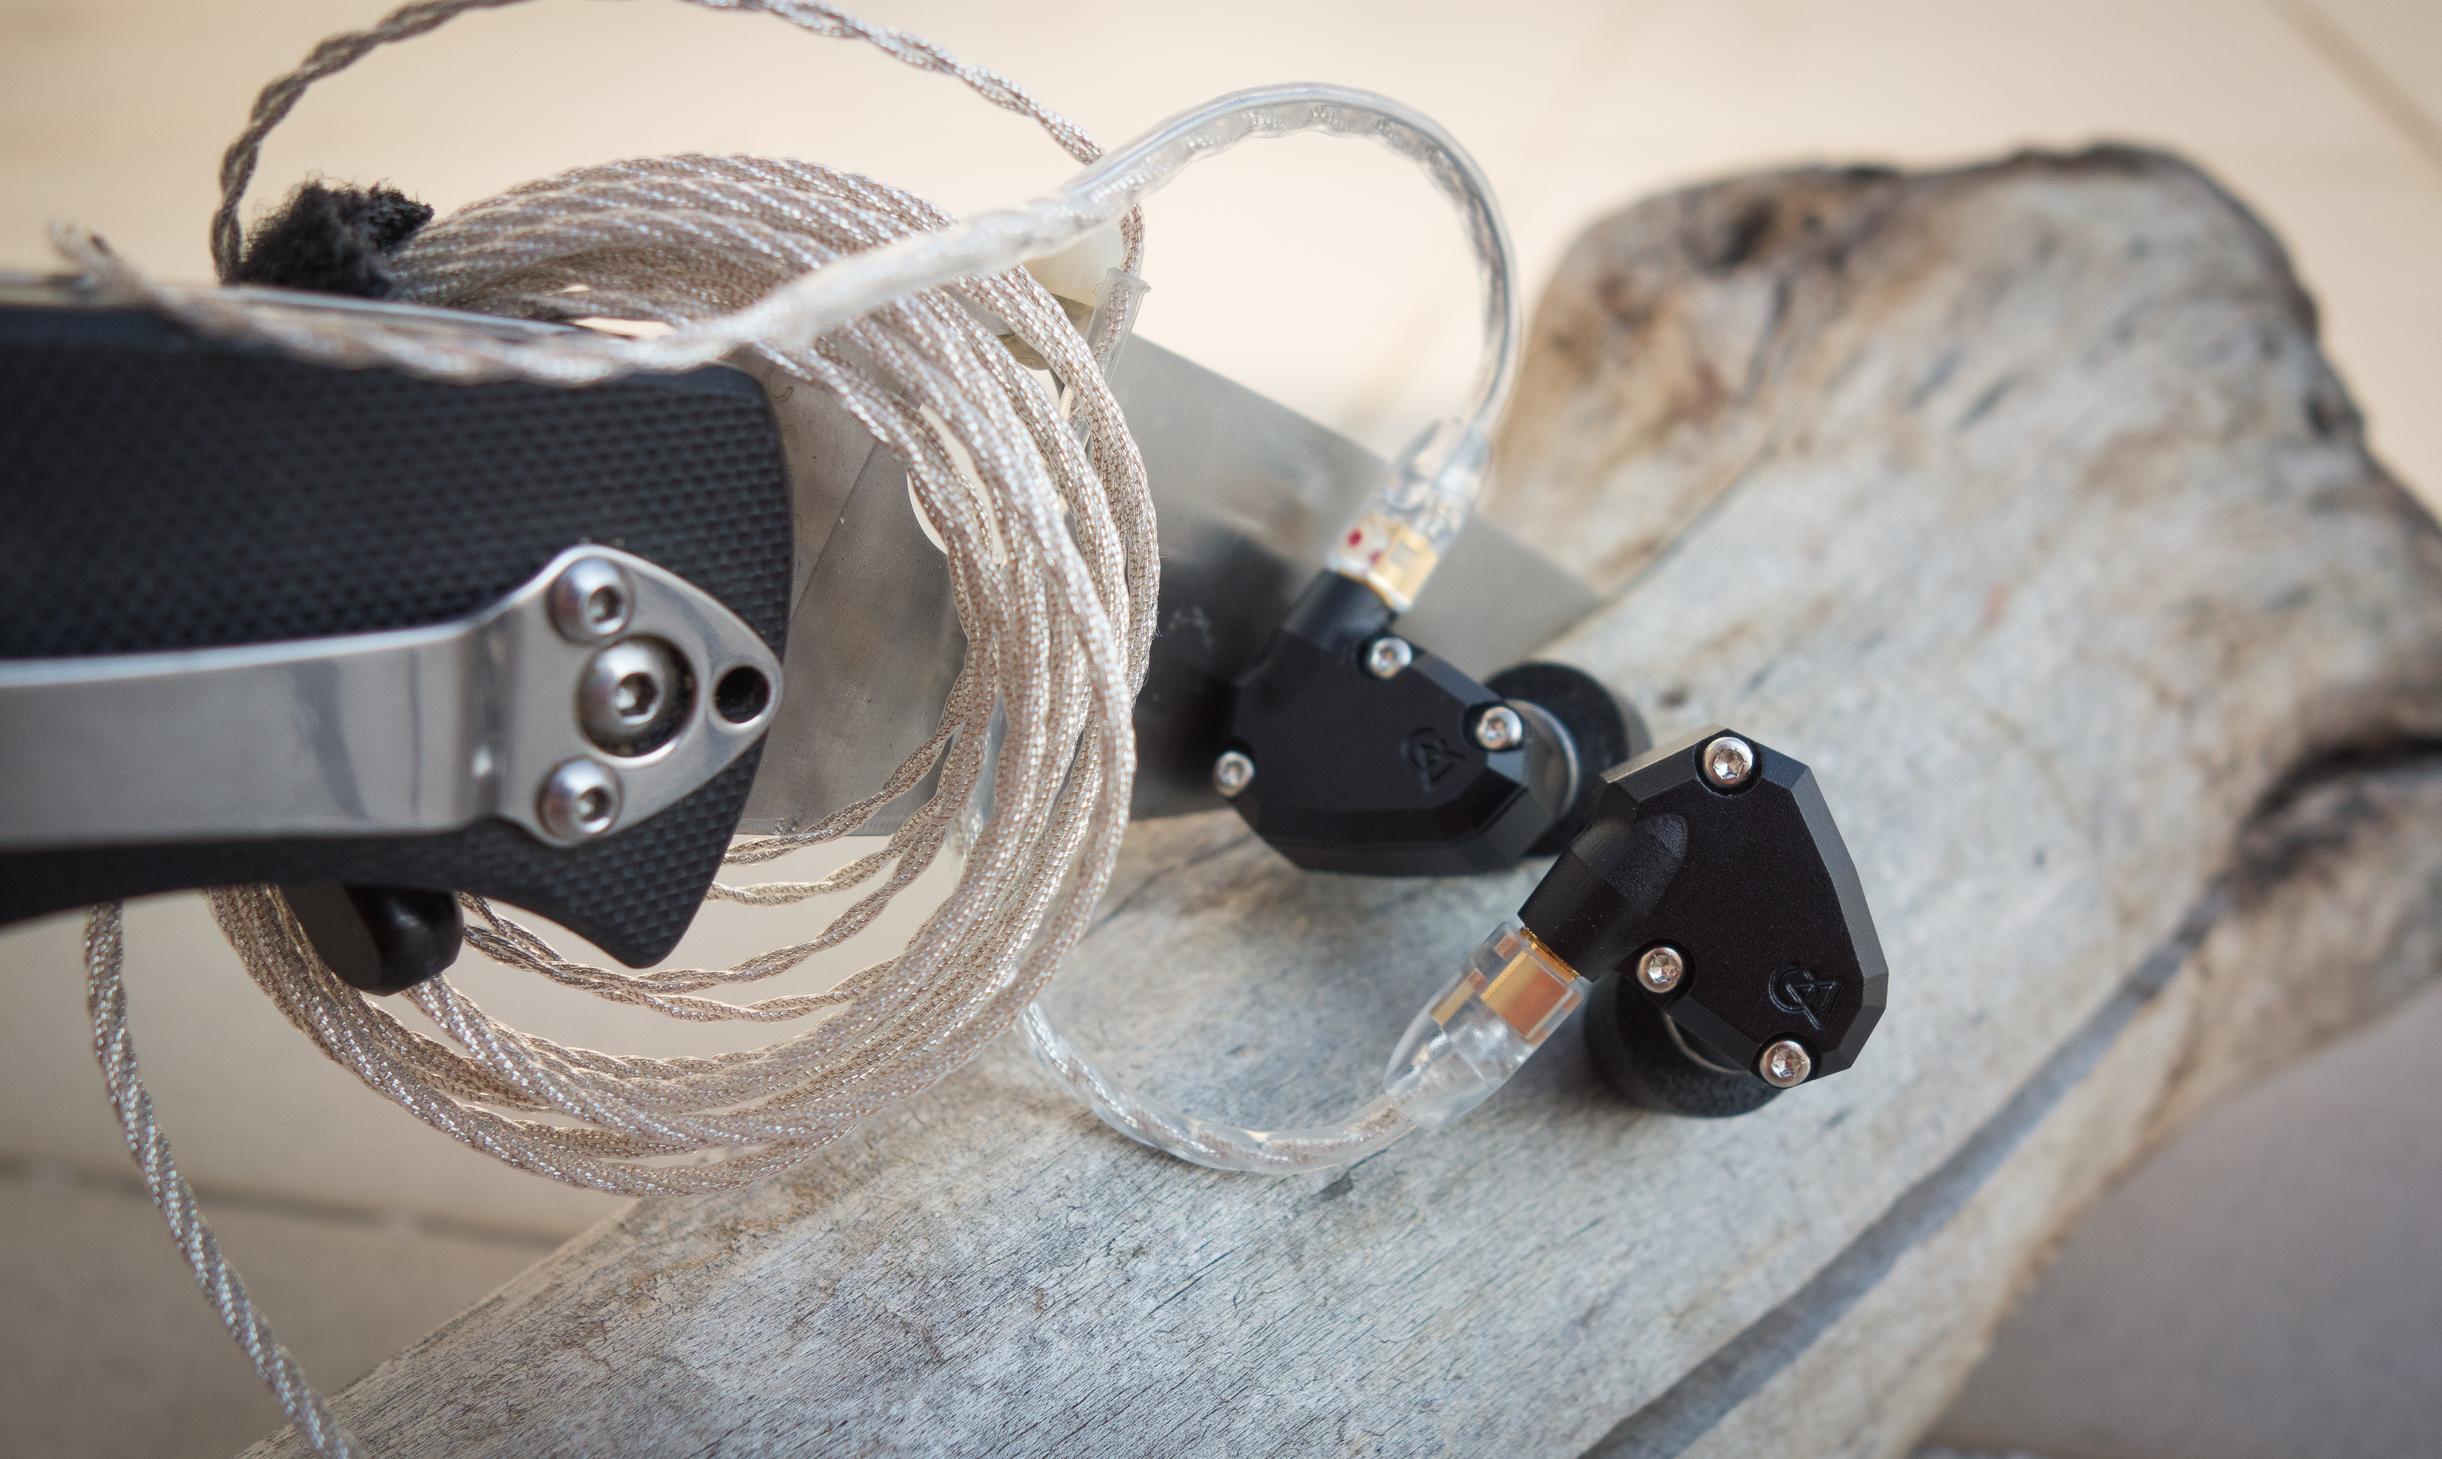 Campfire Audio Orion IEM and Spyderco Tenacious.